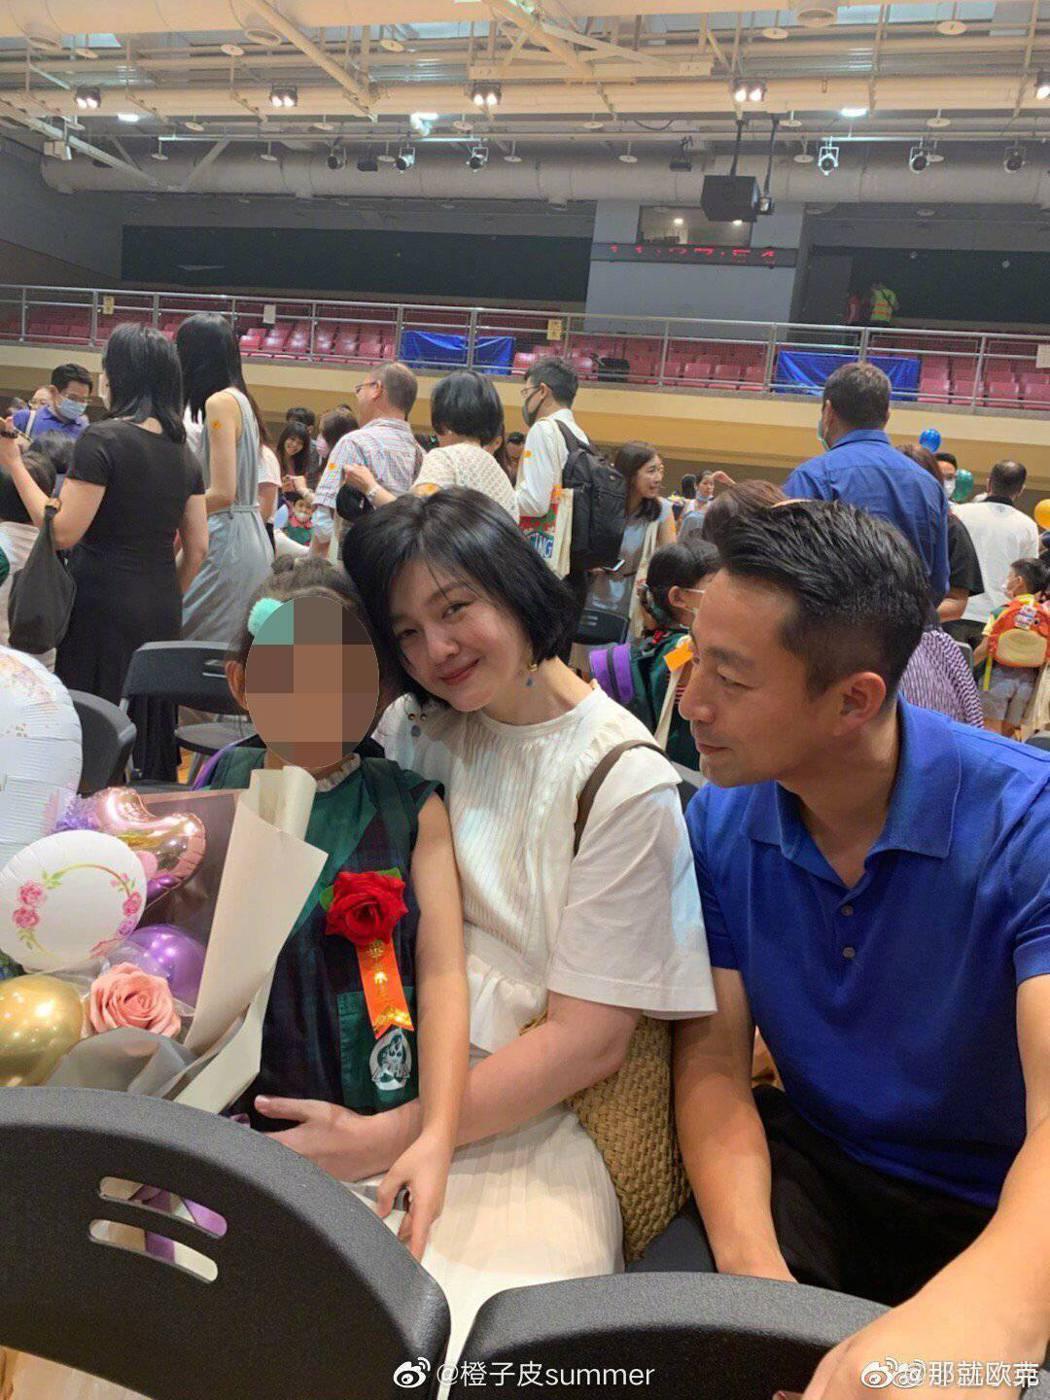 大S與汪小菲參加女兒畢業典禮。 圖/擷自微博